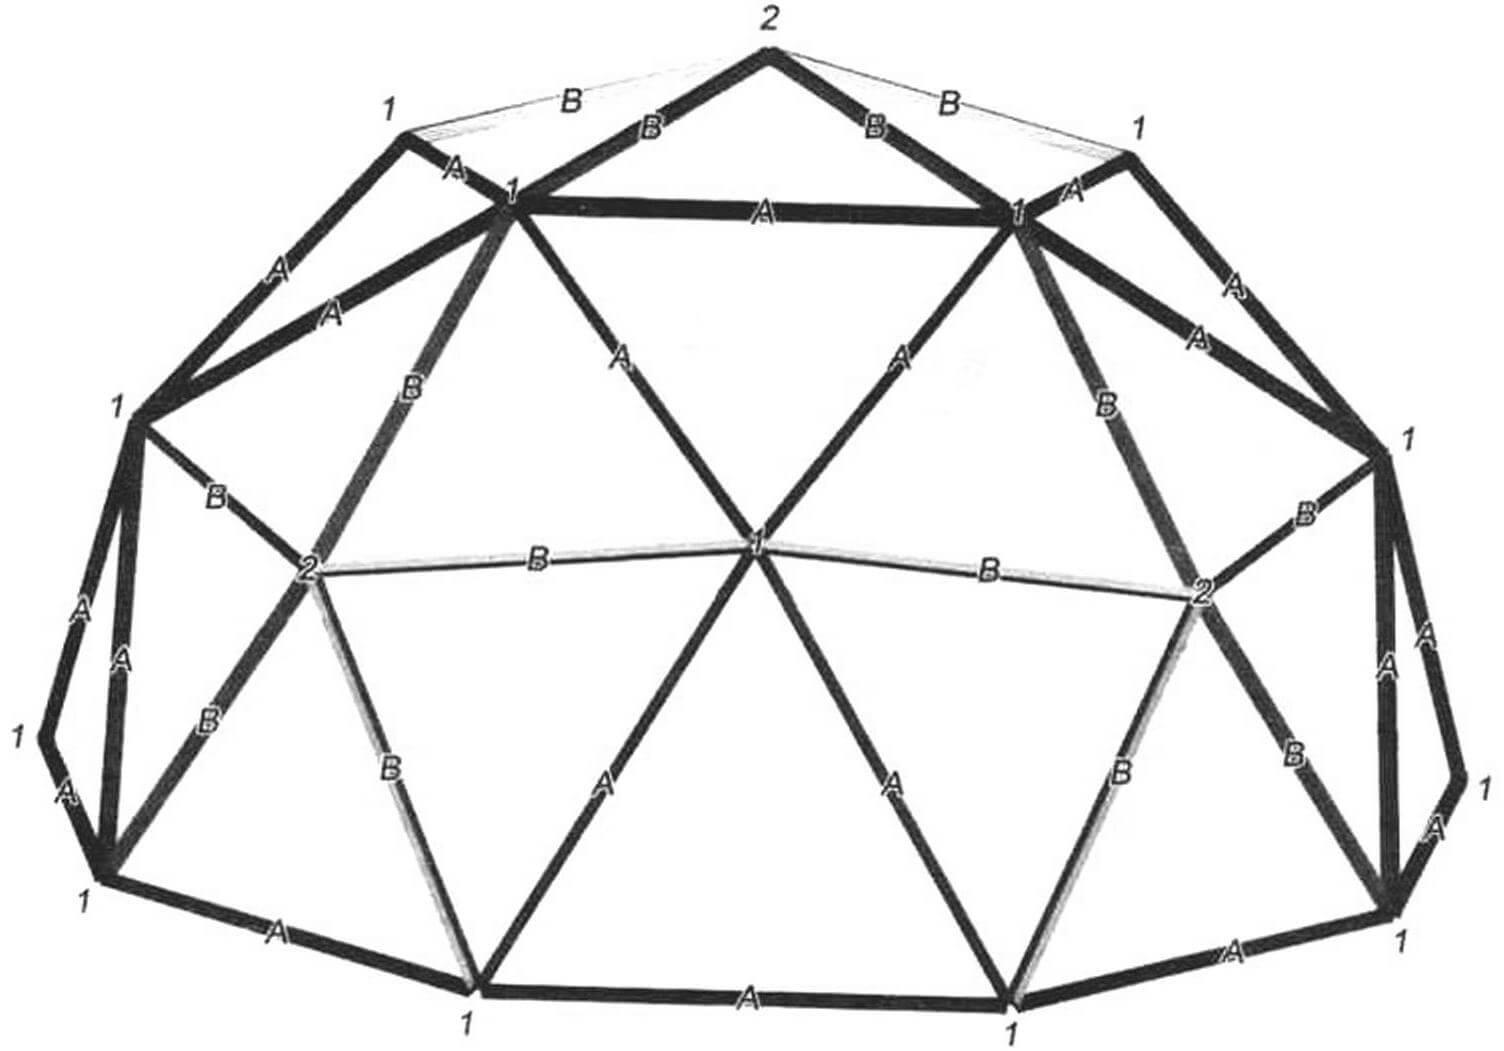 Задав данные постройки на сайте www.acidome.ru, можно получить пространственное изображение каркаса купола, с обозначениями всех вершин и элементов. В нашем случае: элемент А - рейка 1318x40x20 мм (35 шт.), элемент В - рейка 1161x40x20 мм (30 шт.), № 1 и № 2 - два вида типовых соединений элементов каркаса ку пола